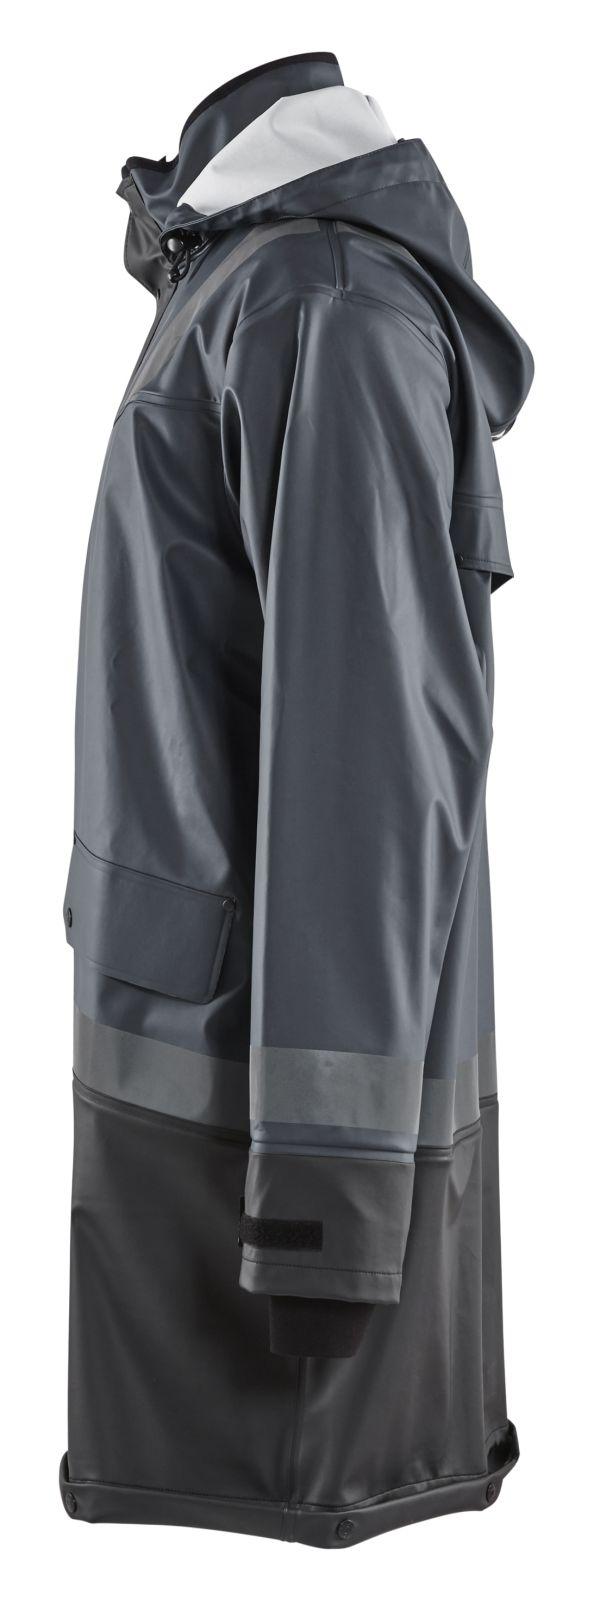 Blaklader Jassen 43212003 donkergrijs-zwart(9899)